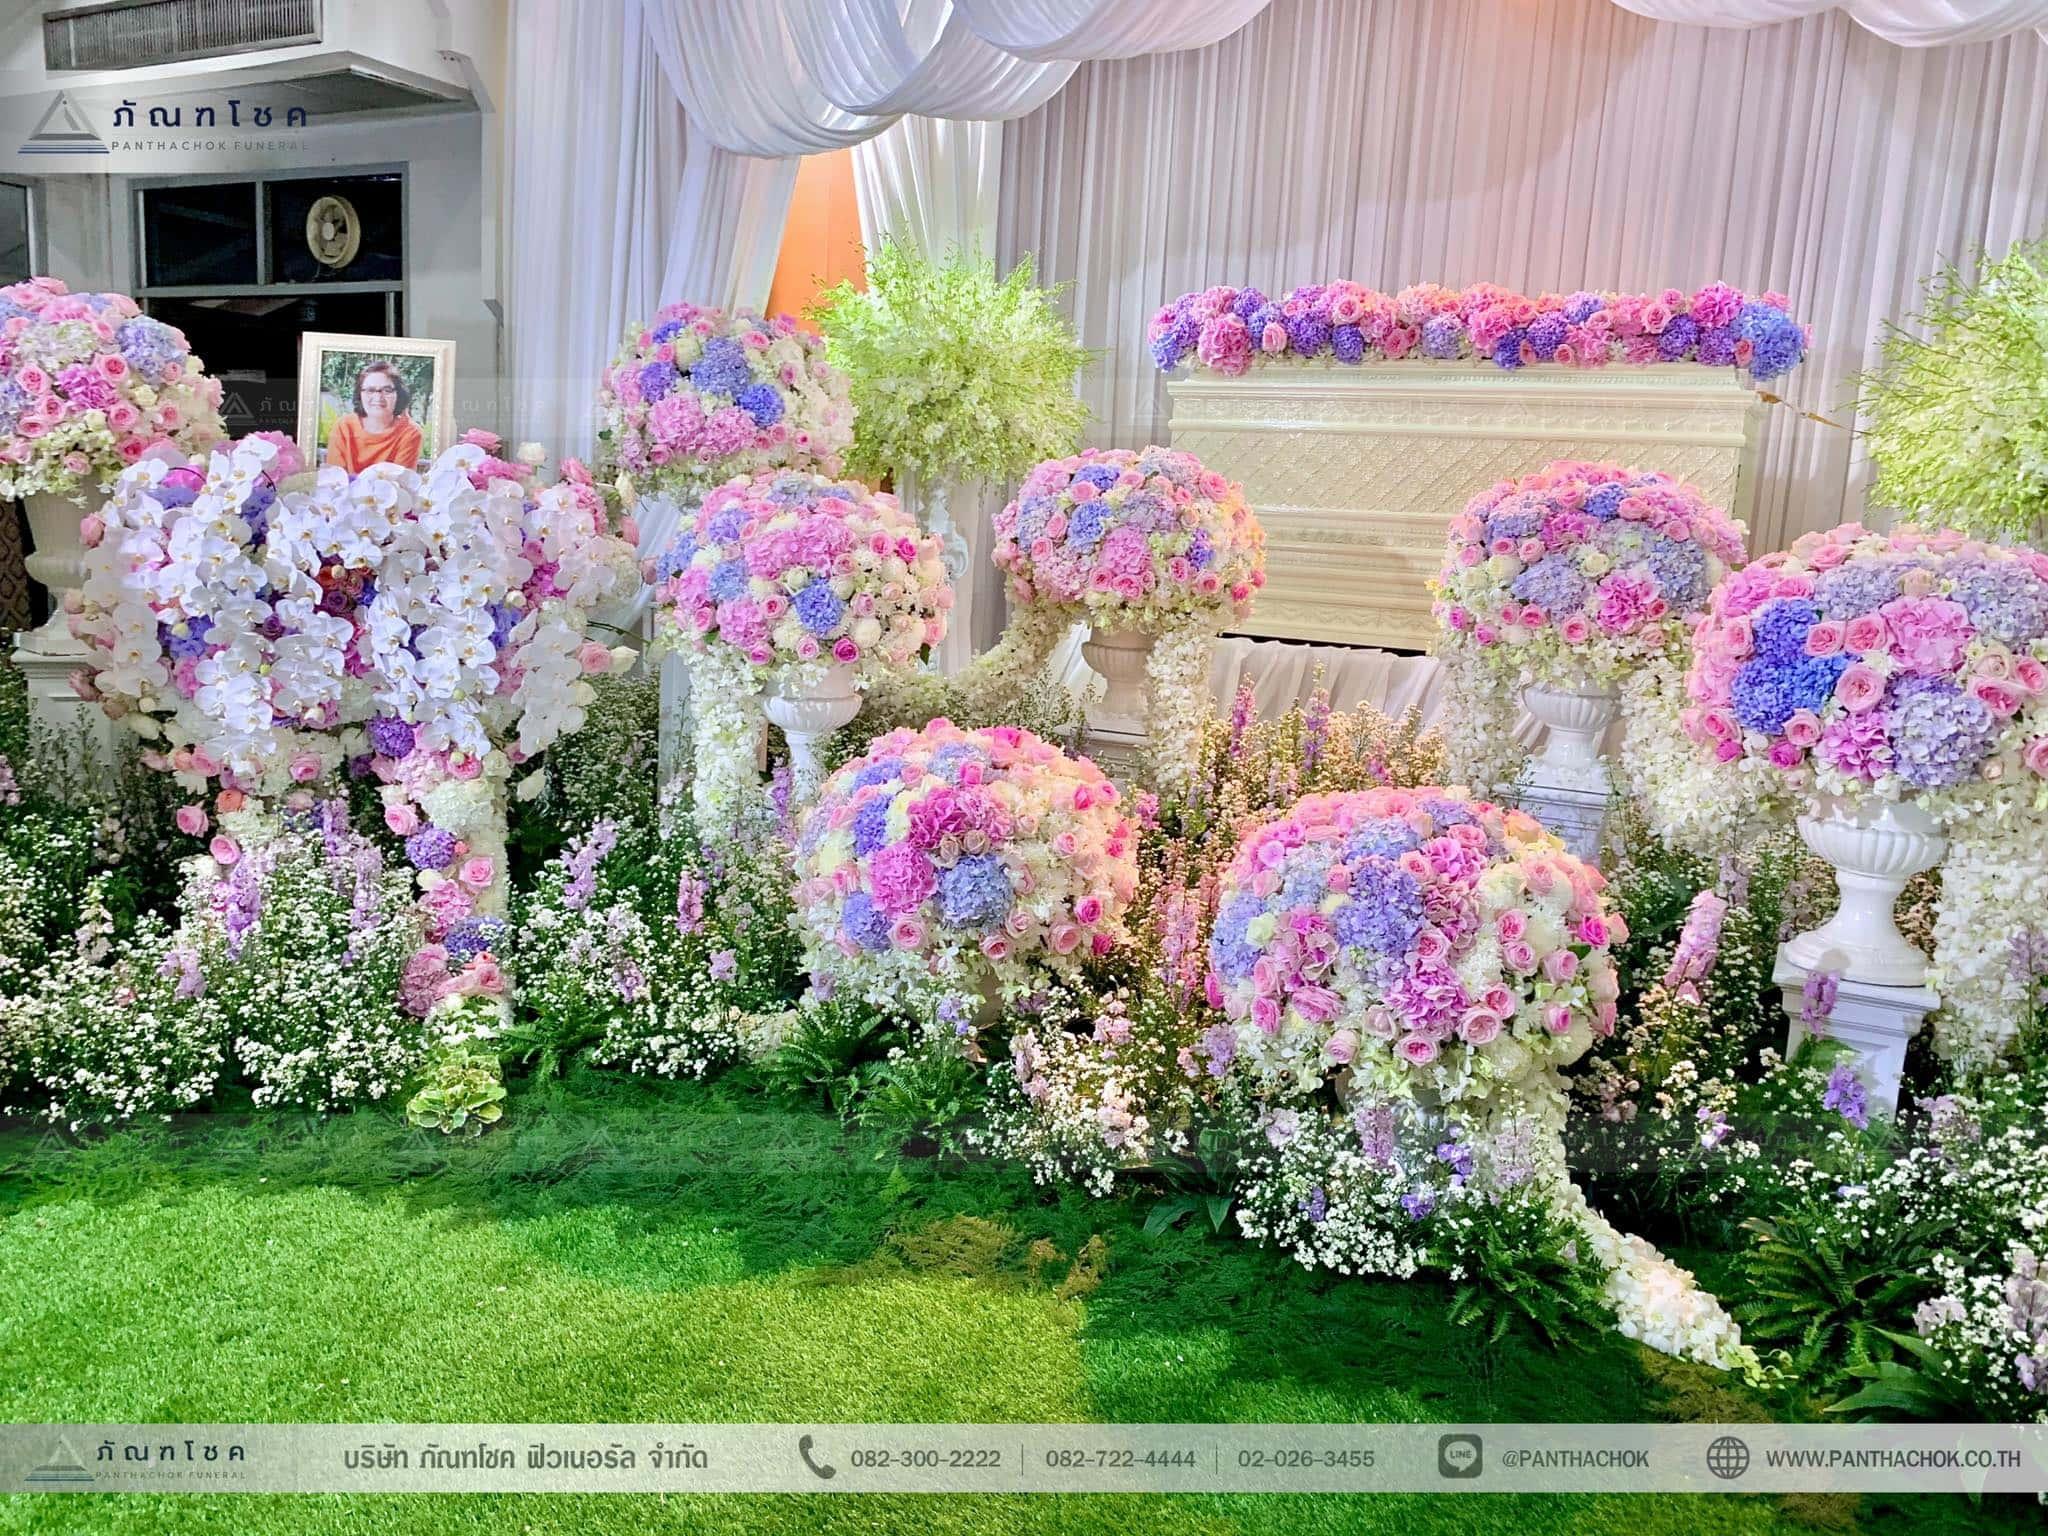 ชุดดอกไม้ประดับหน้าหีบ สไตล์ผู้ดีอังกฤษจิบชายามบ่าย (งานศพคุณแม่ของคุณอ๊อฟ ปองศักดิ์) 12